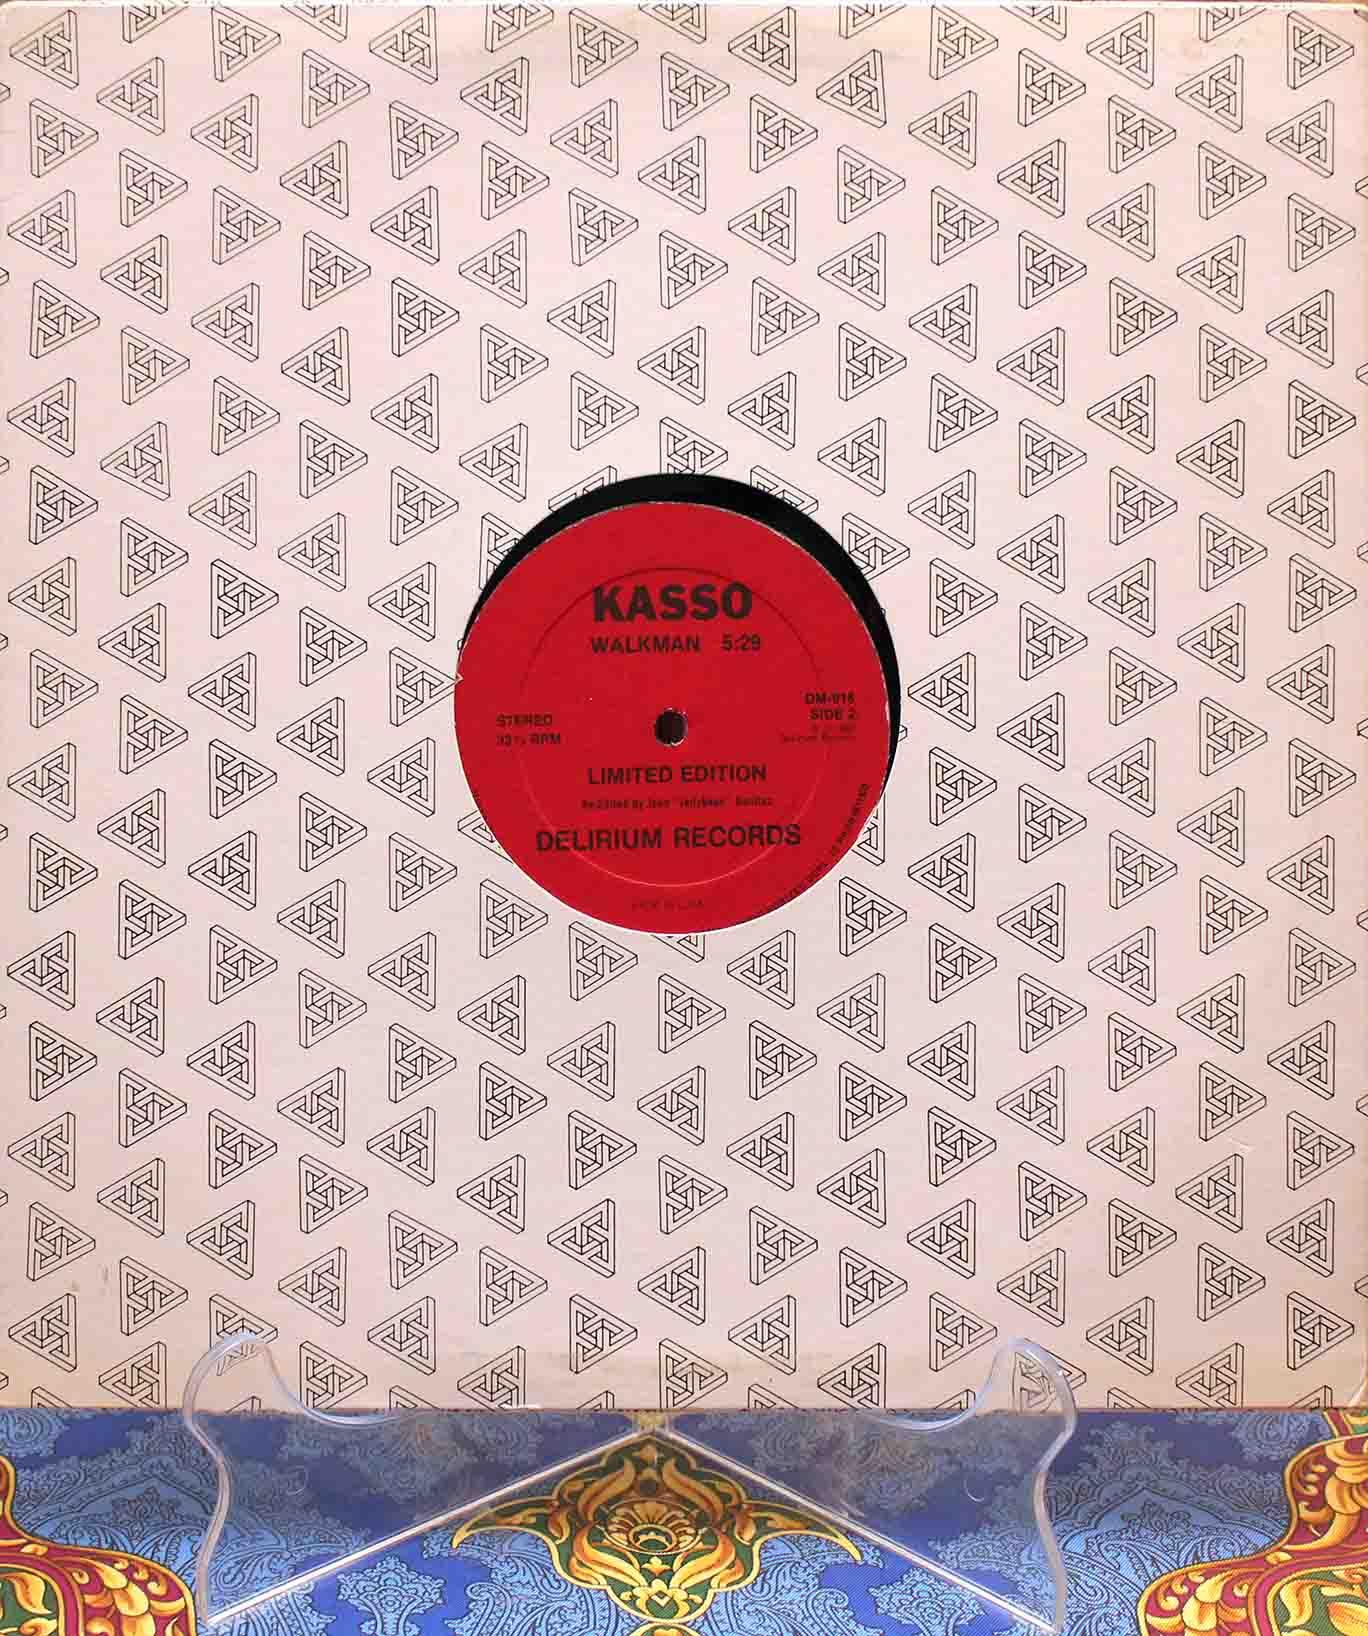 kasso - Key west 02